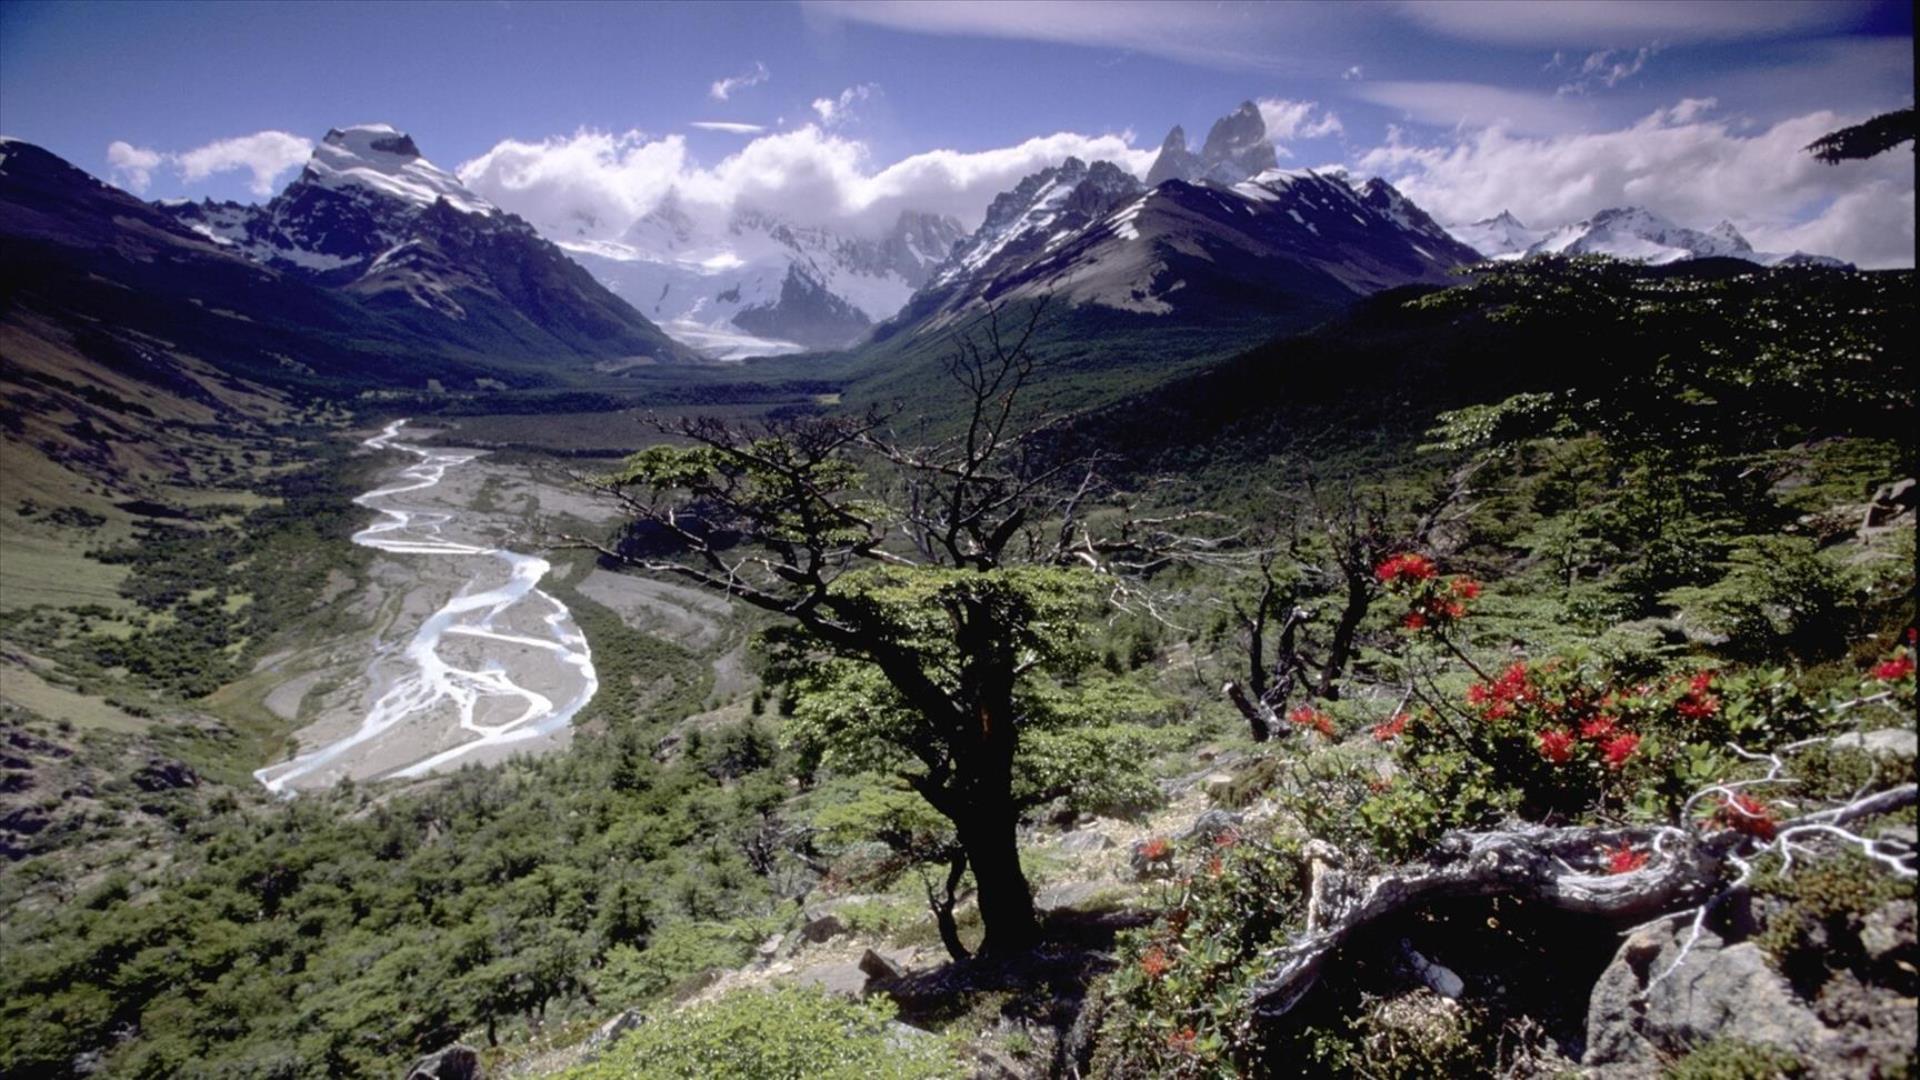 Argentinien, Brasilien / Buenos Aires, Patagonien und Rio de Janeiro: 10 Tage Länderkombo - Zuckerhut und Gletscher